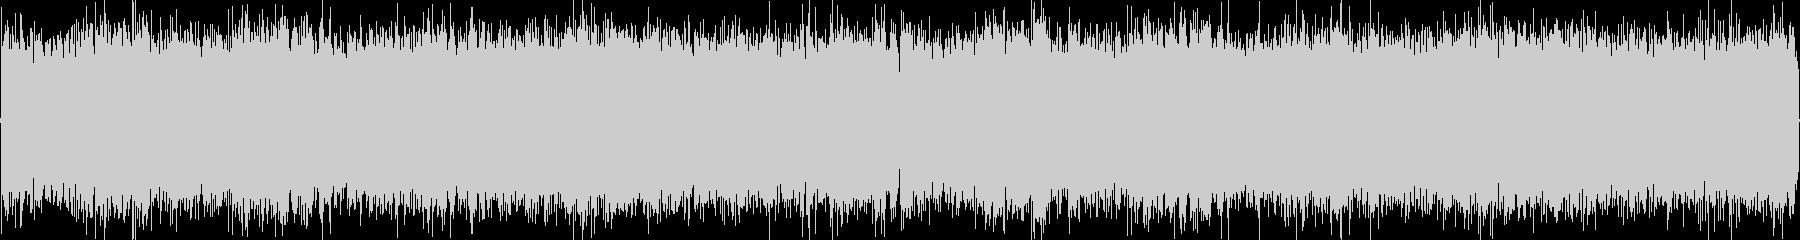 ロック_デジタル_切ない_3の未再生の波形